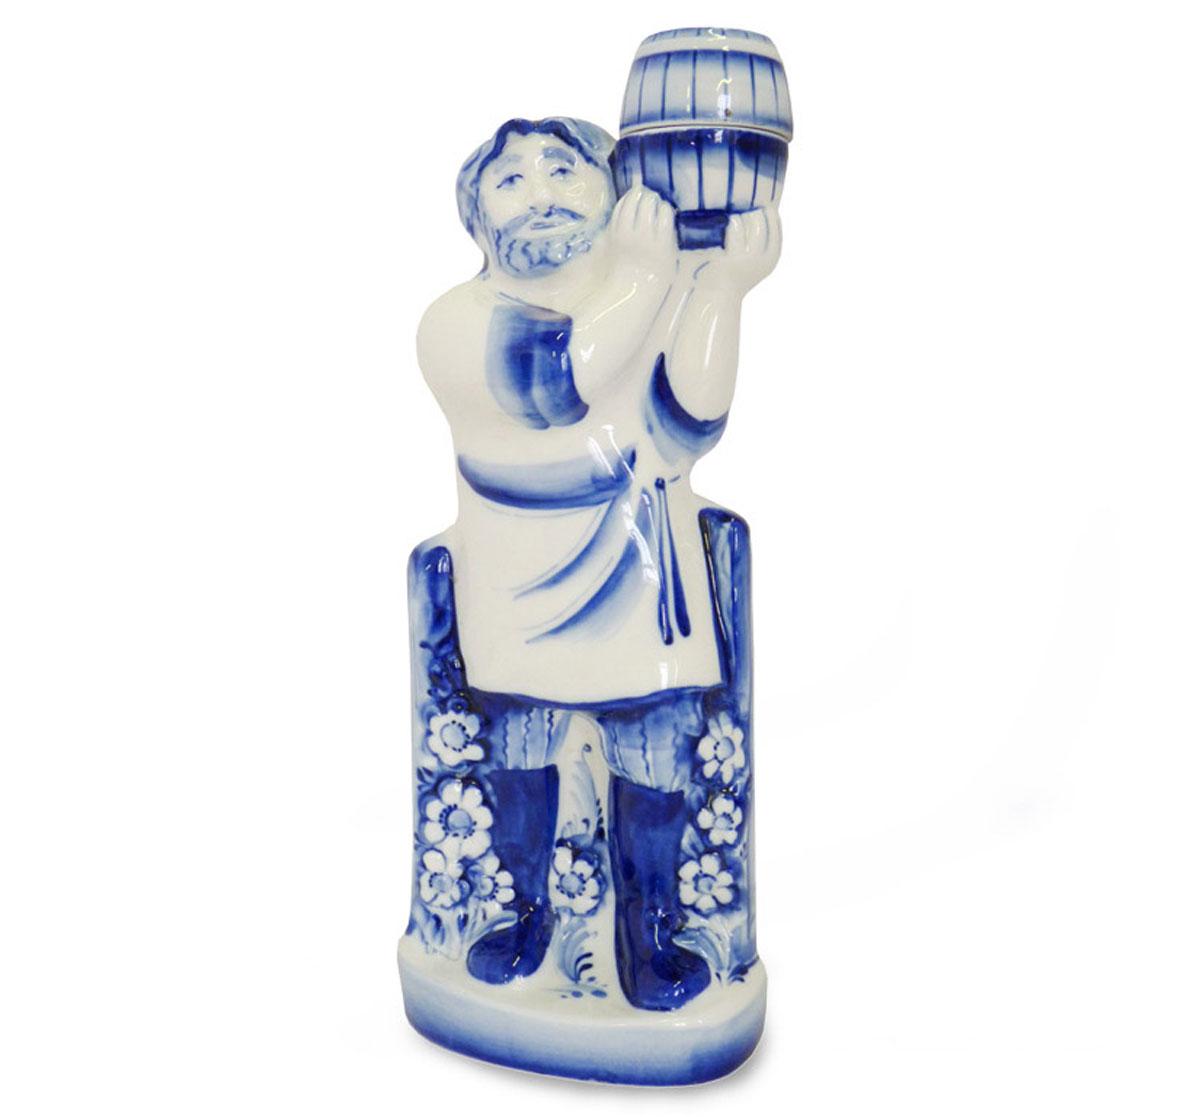 Штоф Пасечник, цвет: белый, синий, 1 л993100302Штоф Пасечник изготовлен из высококачественной керамики и предназначен для подачи виски или бренди. Изделие выполнено в видемужчины с бочонком на плече и оформлено оригинальной росписью в технике гжель.Штоф Пасечник прекрасно оформит интерьер кабинета или гостиной, а также станет прекрасным украшением стола.Уважаемые клиенты!Обращаем ваше внимание, что роспись на изделие сделана вручную. Рисунок может немного отличаться от изображения на фотографии.Высота (с учетом крышки): 30 см.Размер штофа без учета крышки: 12 х 9 х 29 см.Диаметр горлышка: 1,7 см.